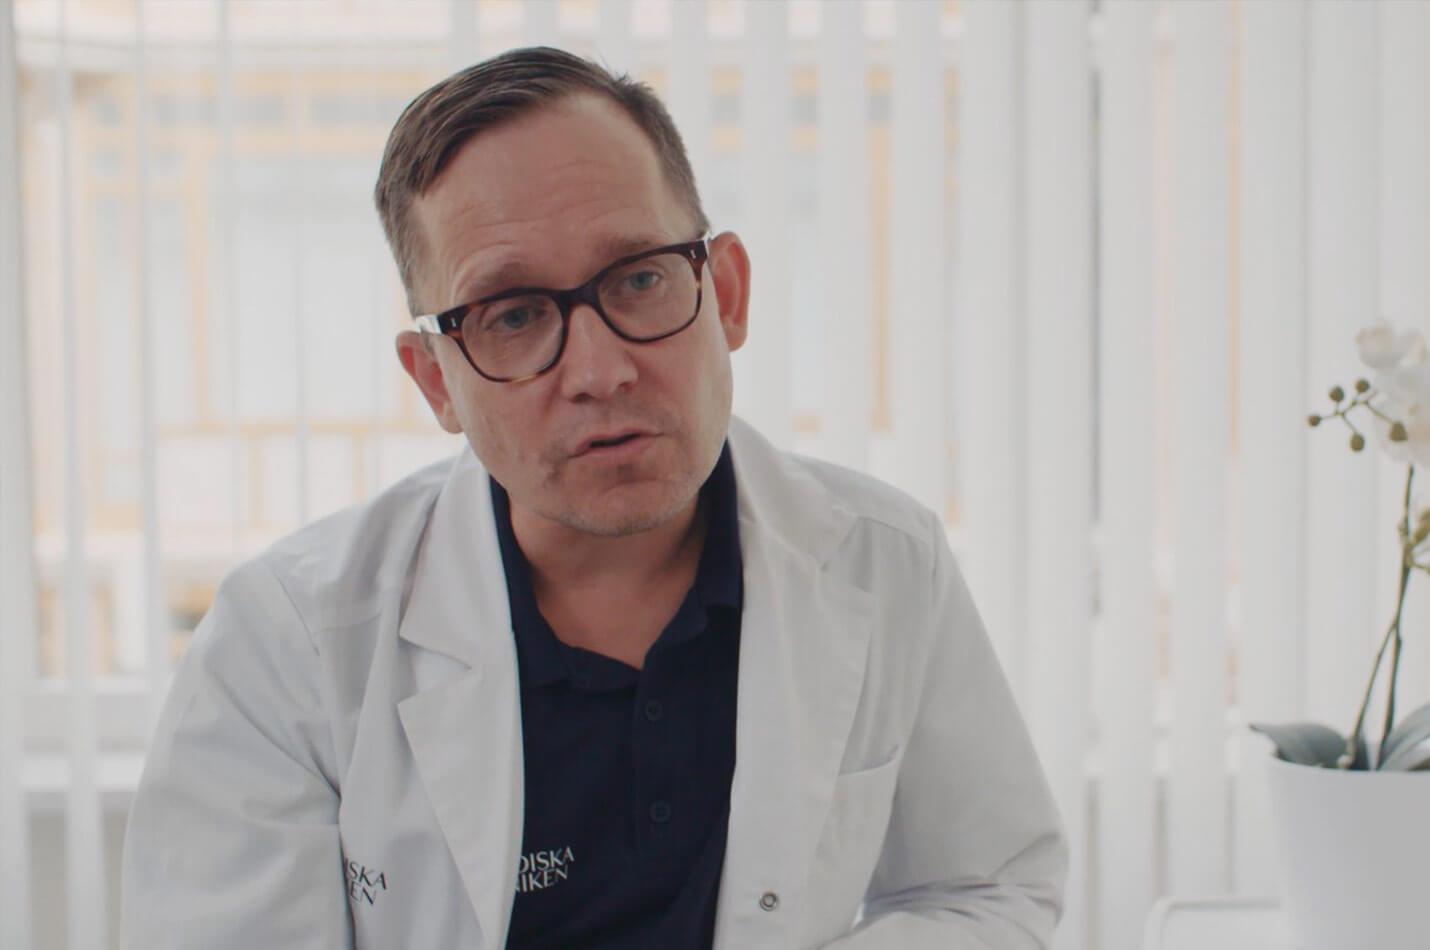 Plastikkirurg Magnus Kjelsberg Facelift Ansiktslyft